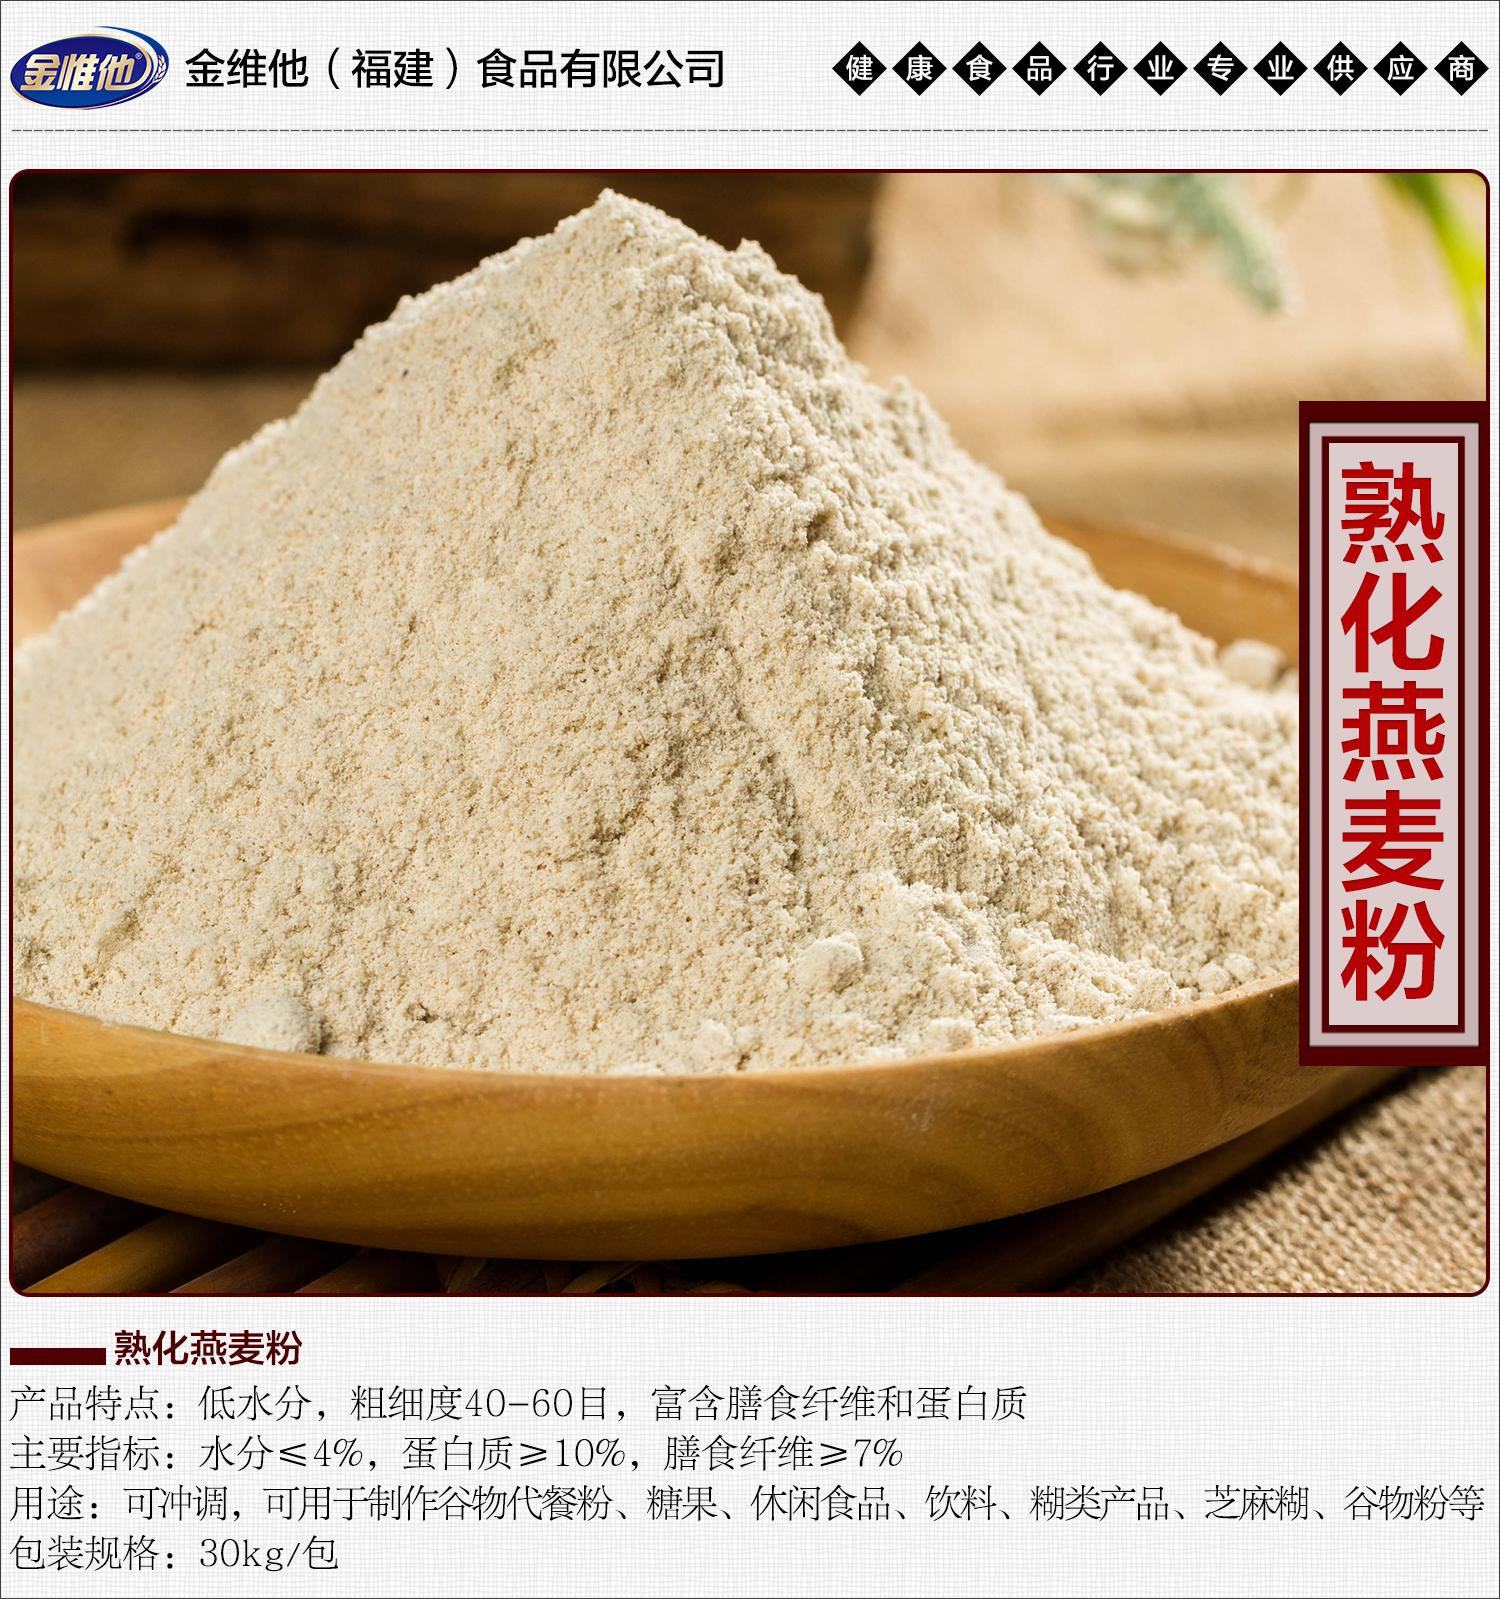 9-熟化燕麦粉